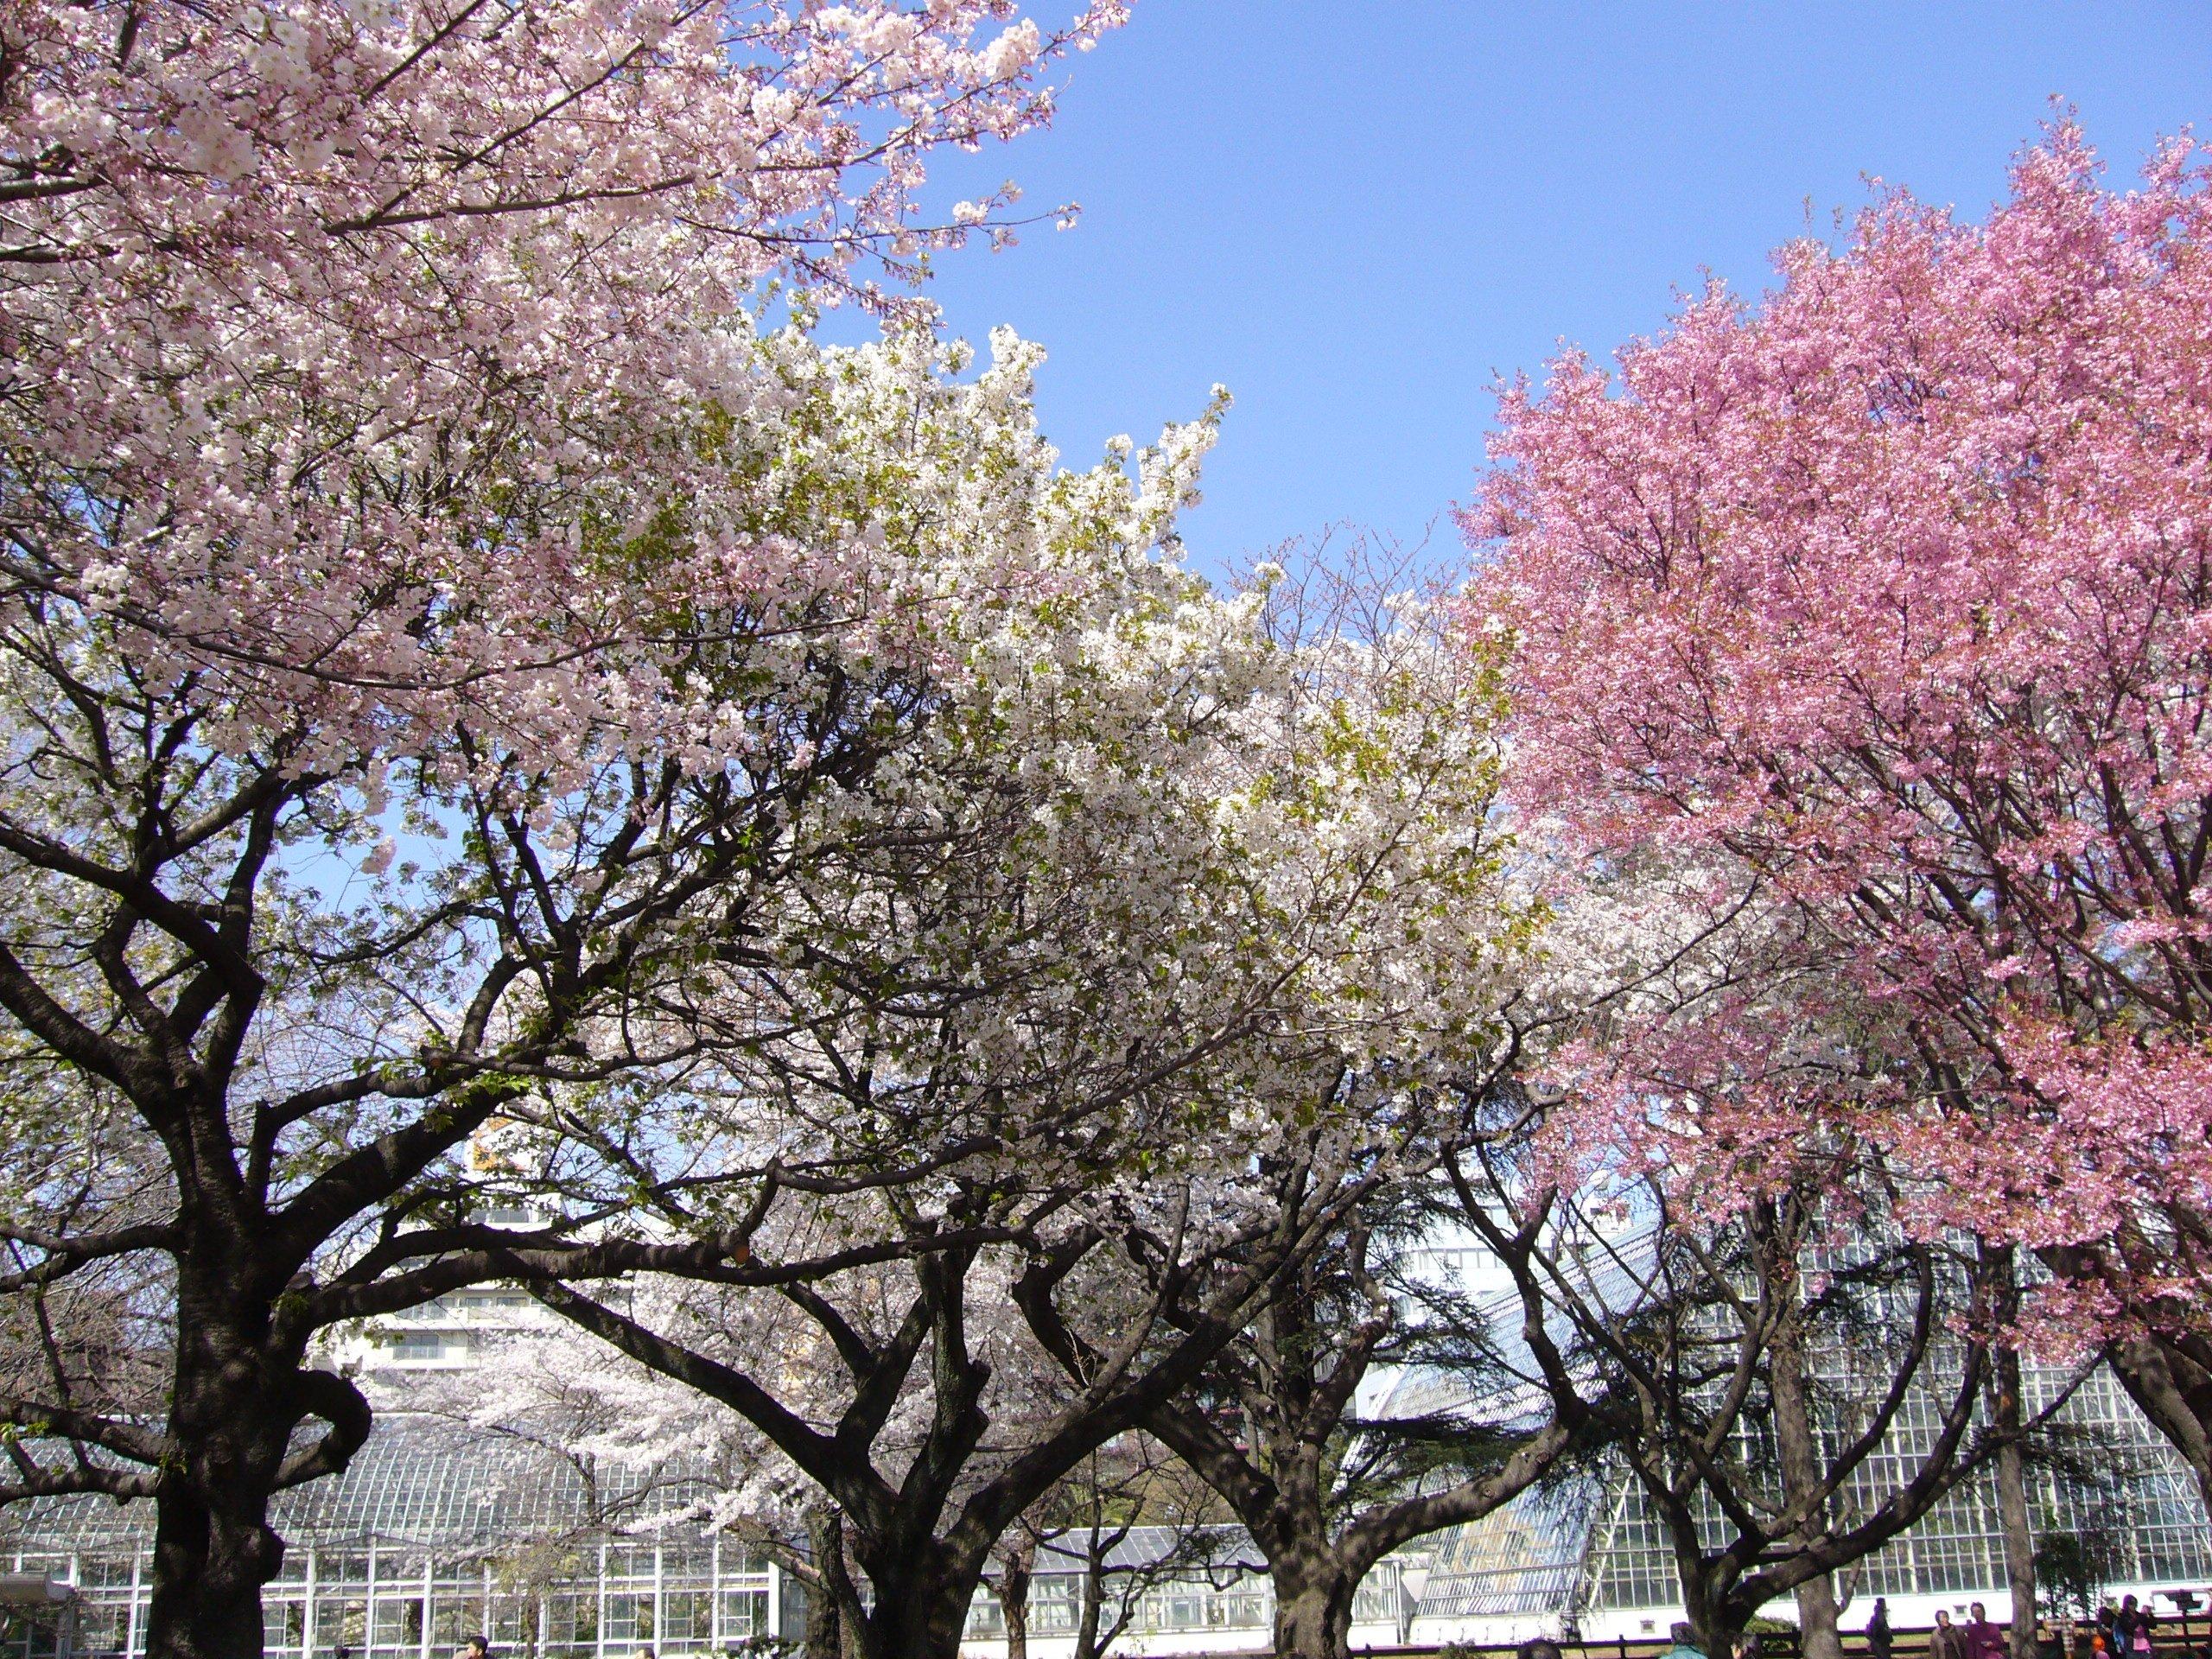 hanami les fleurs de cerisier 2 ans au jap. Black Bedroom Furniture Sets. Home Design Ideas